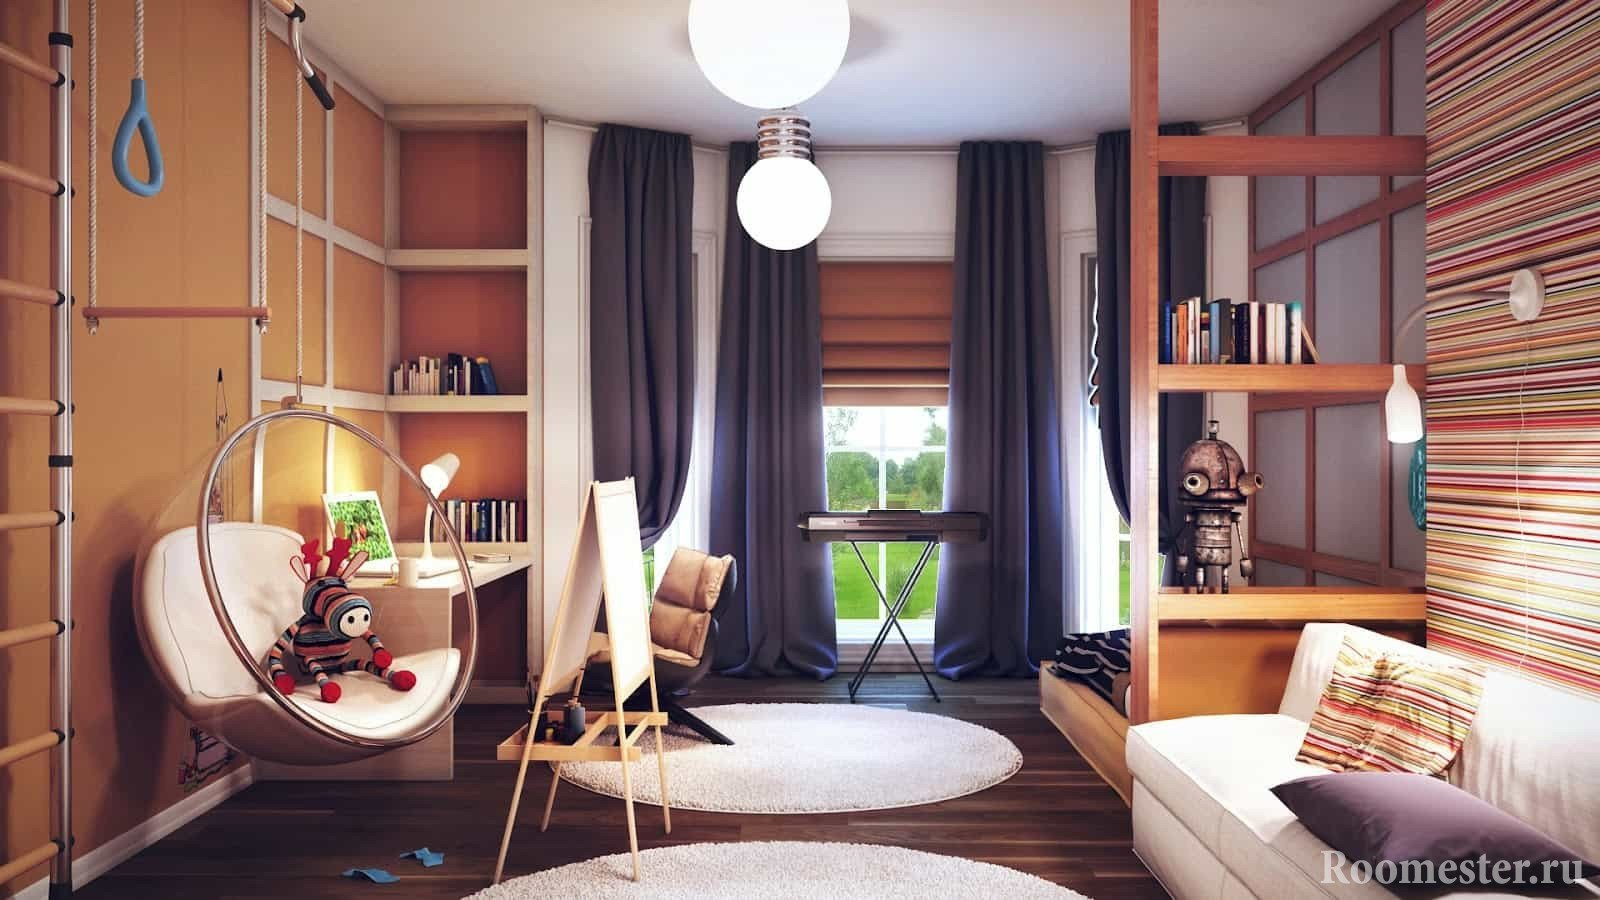 дизайн детской комнаты для мальчика идеи интерьера 50 фото